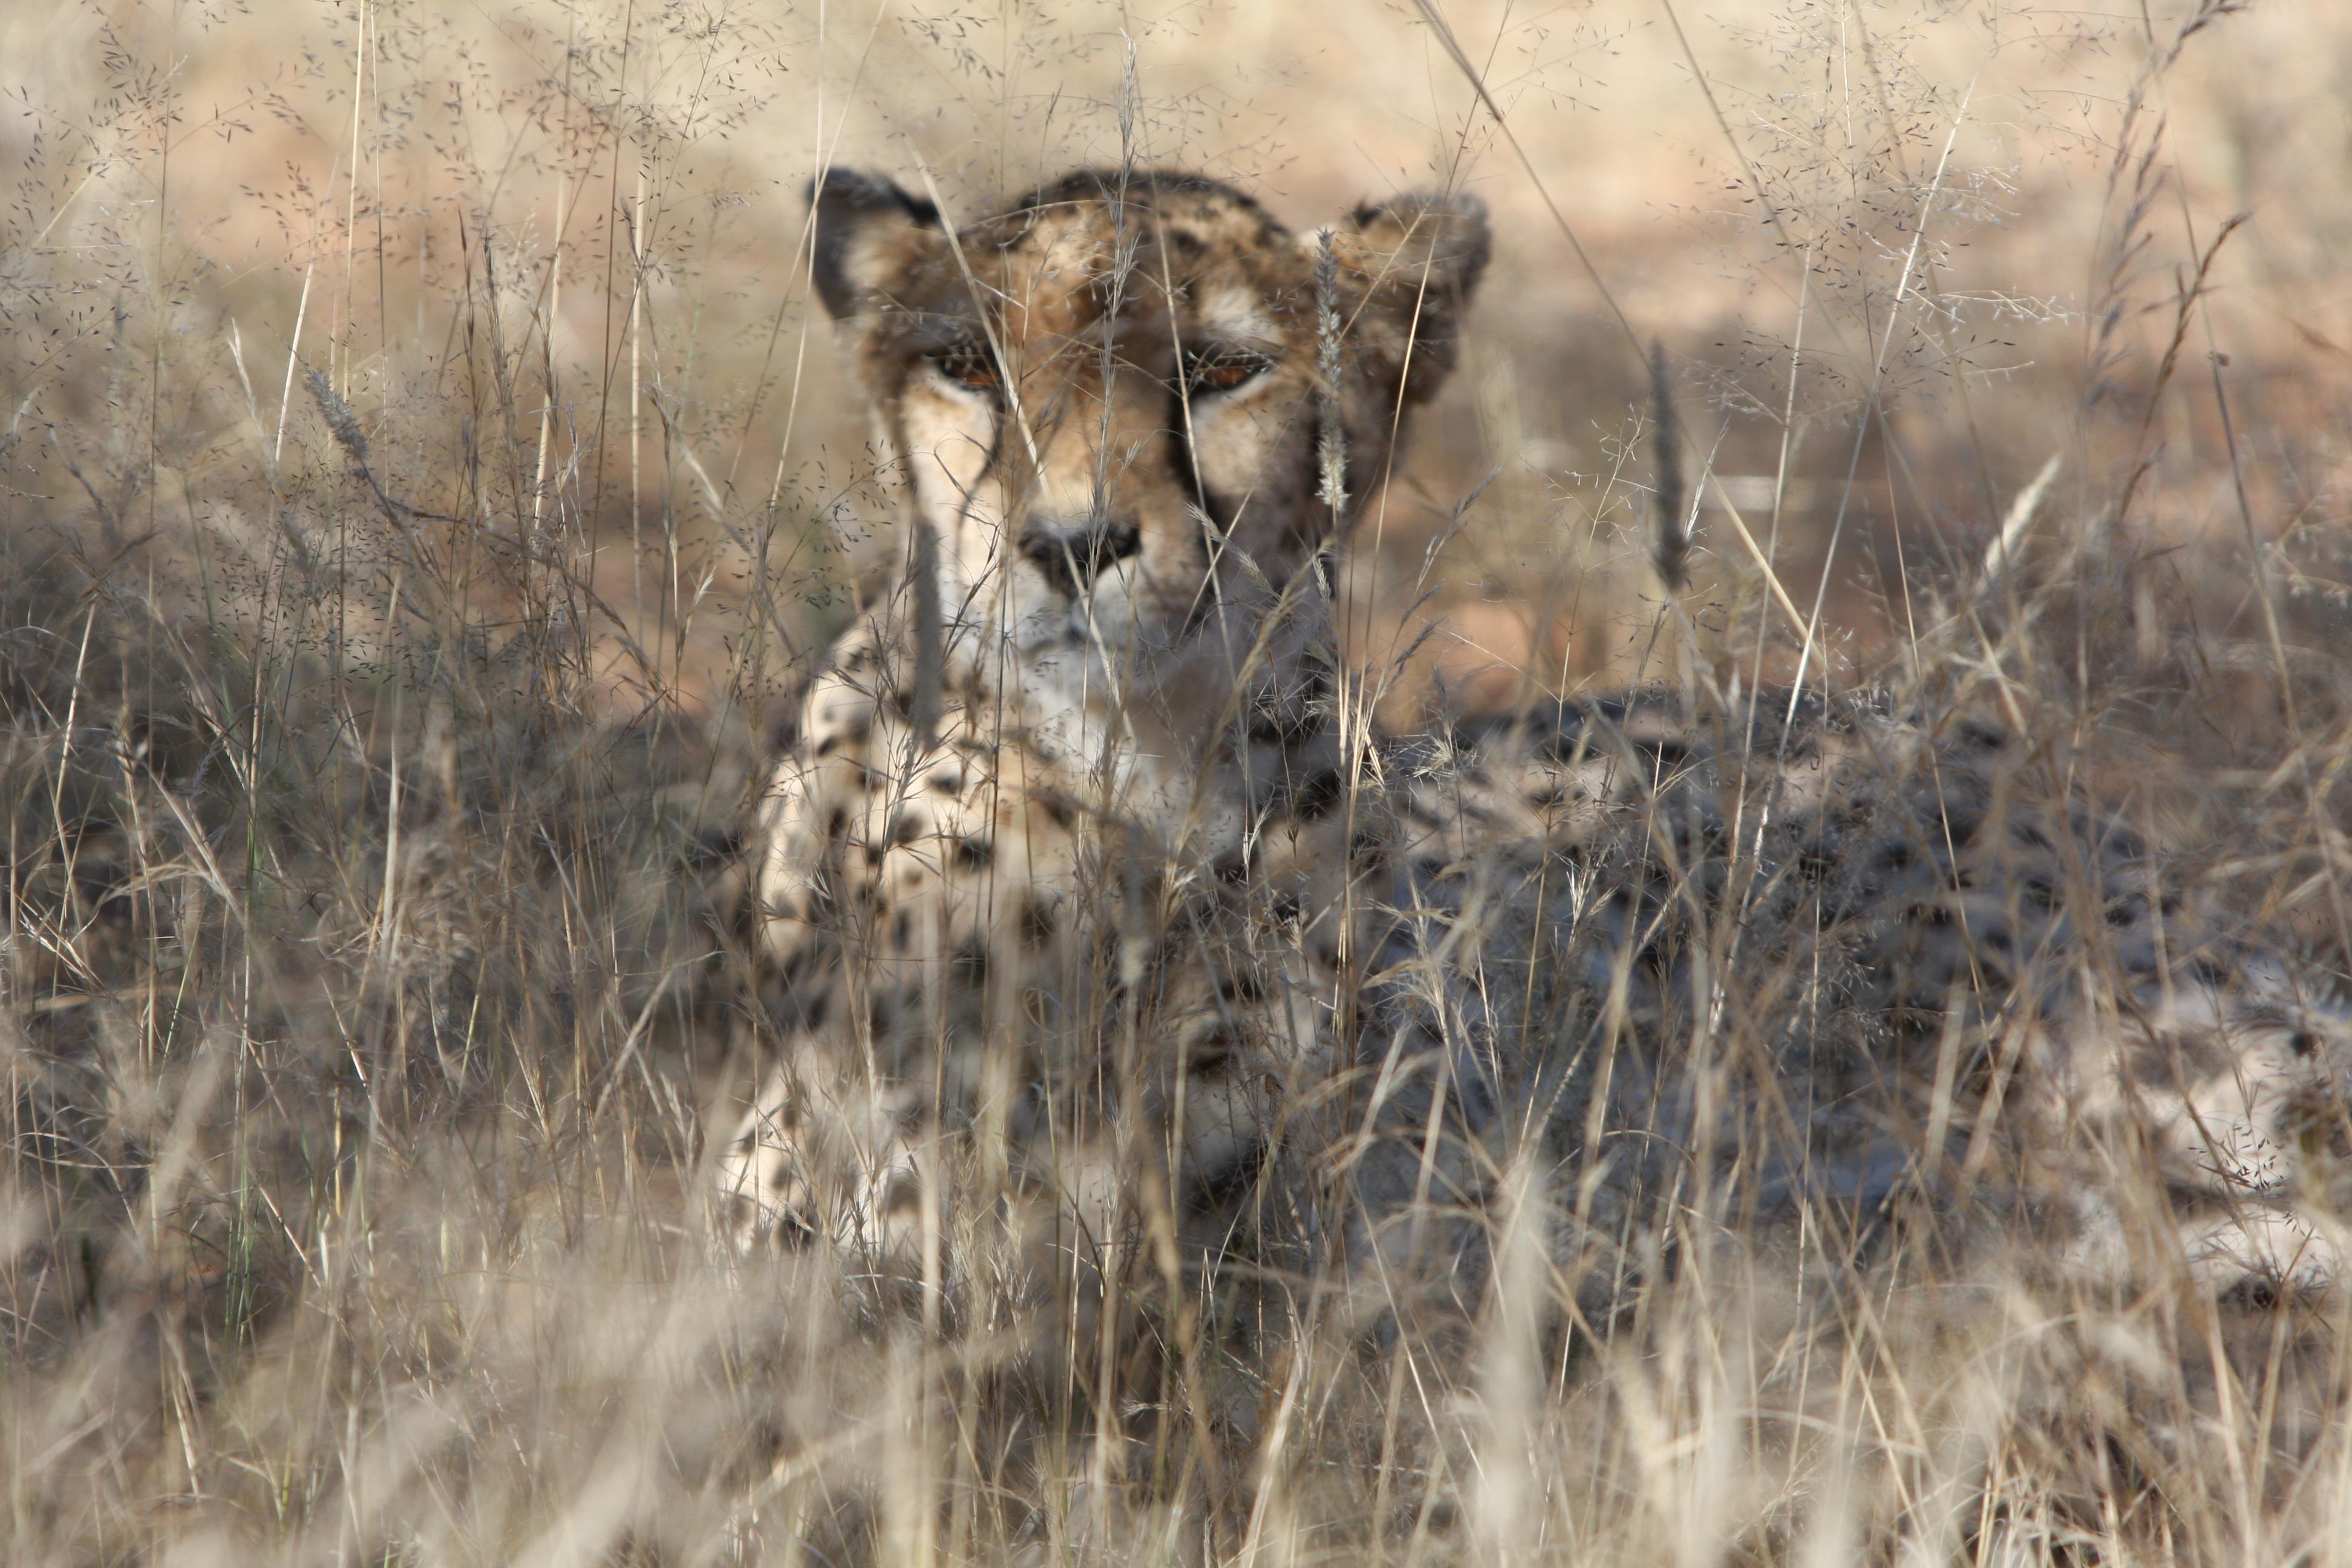 Images gratuites gu pard namibie la nature animaux sauvages photographie sauvage afrique - Image animaux gratuite ...